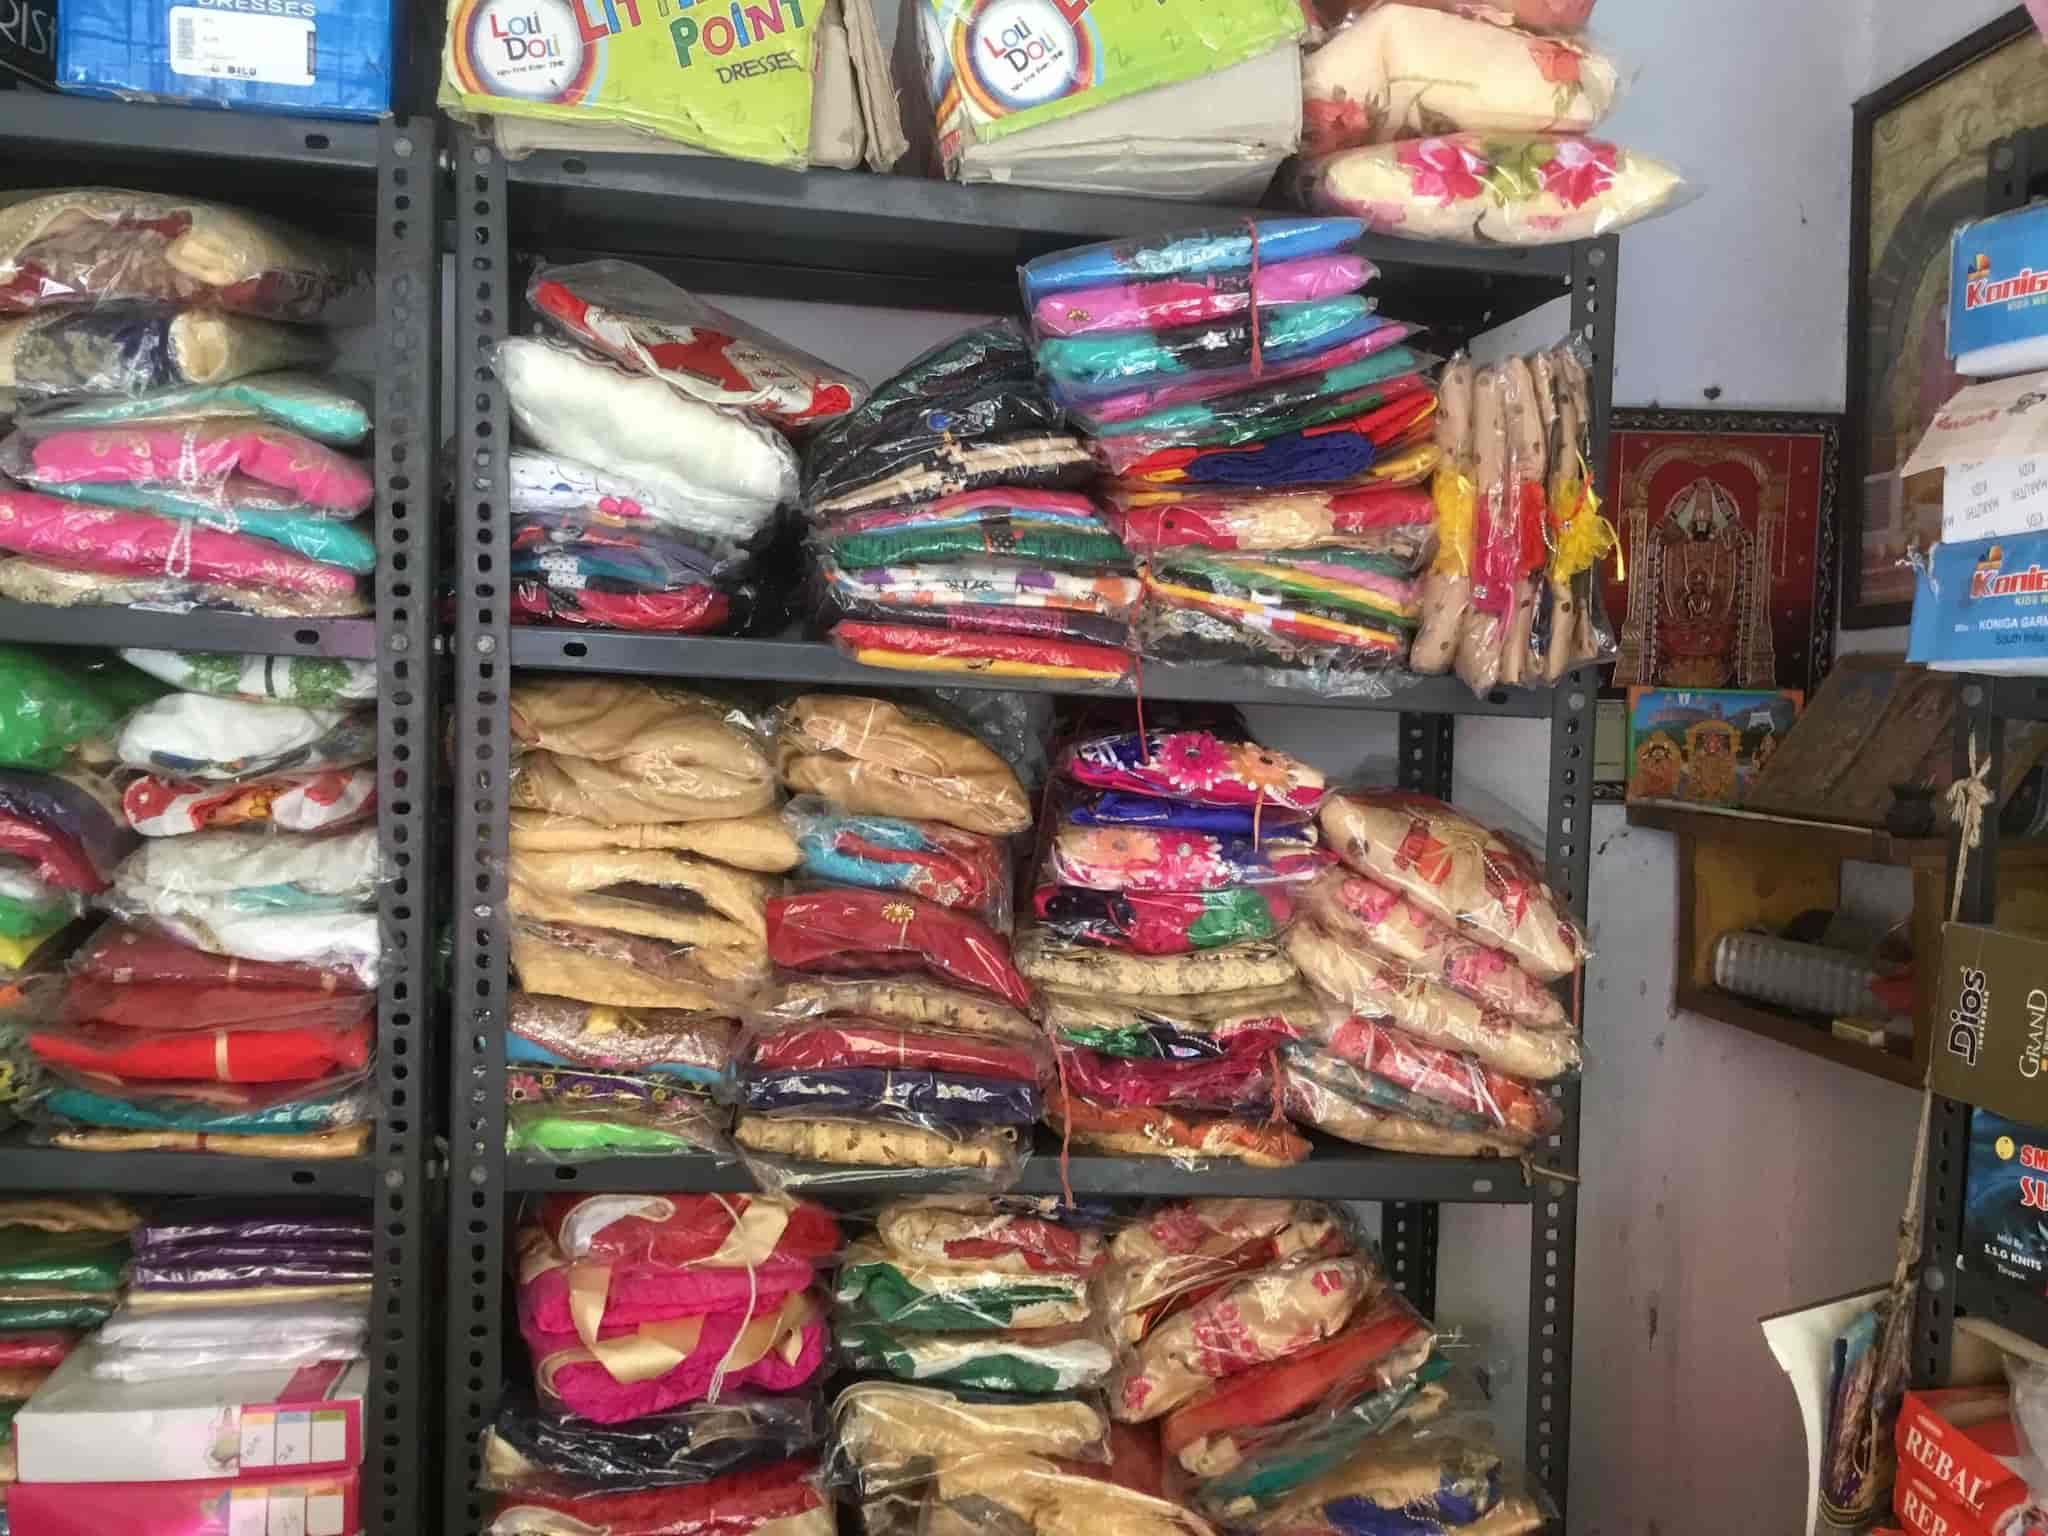 Sri Sai Chandana Readymade Cloth Stores s Vijayawada